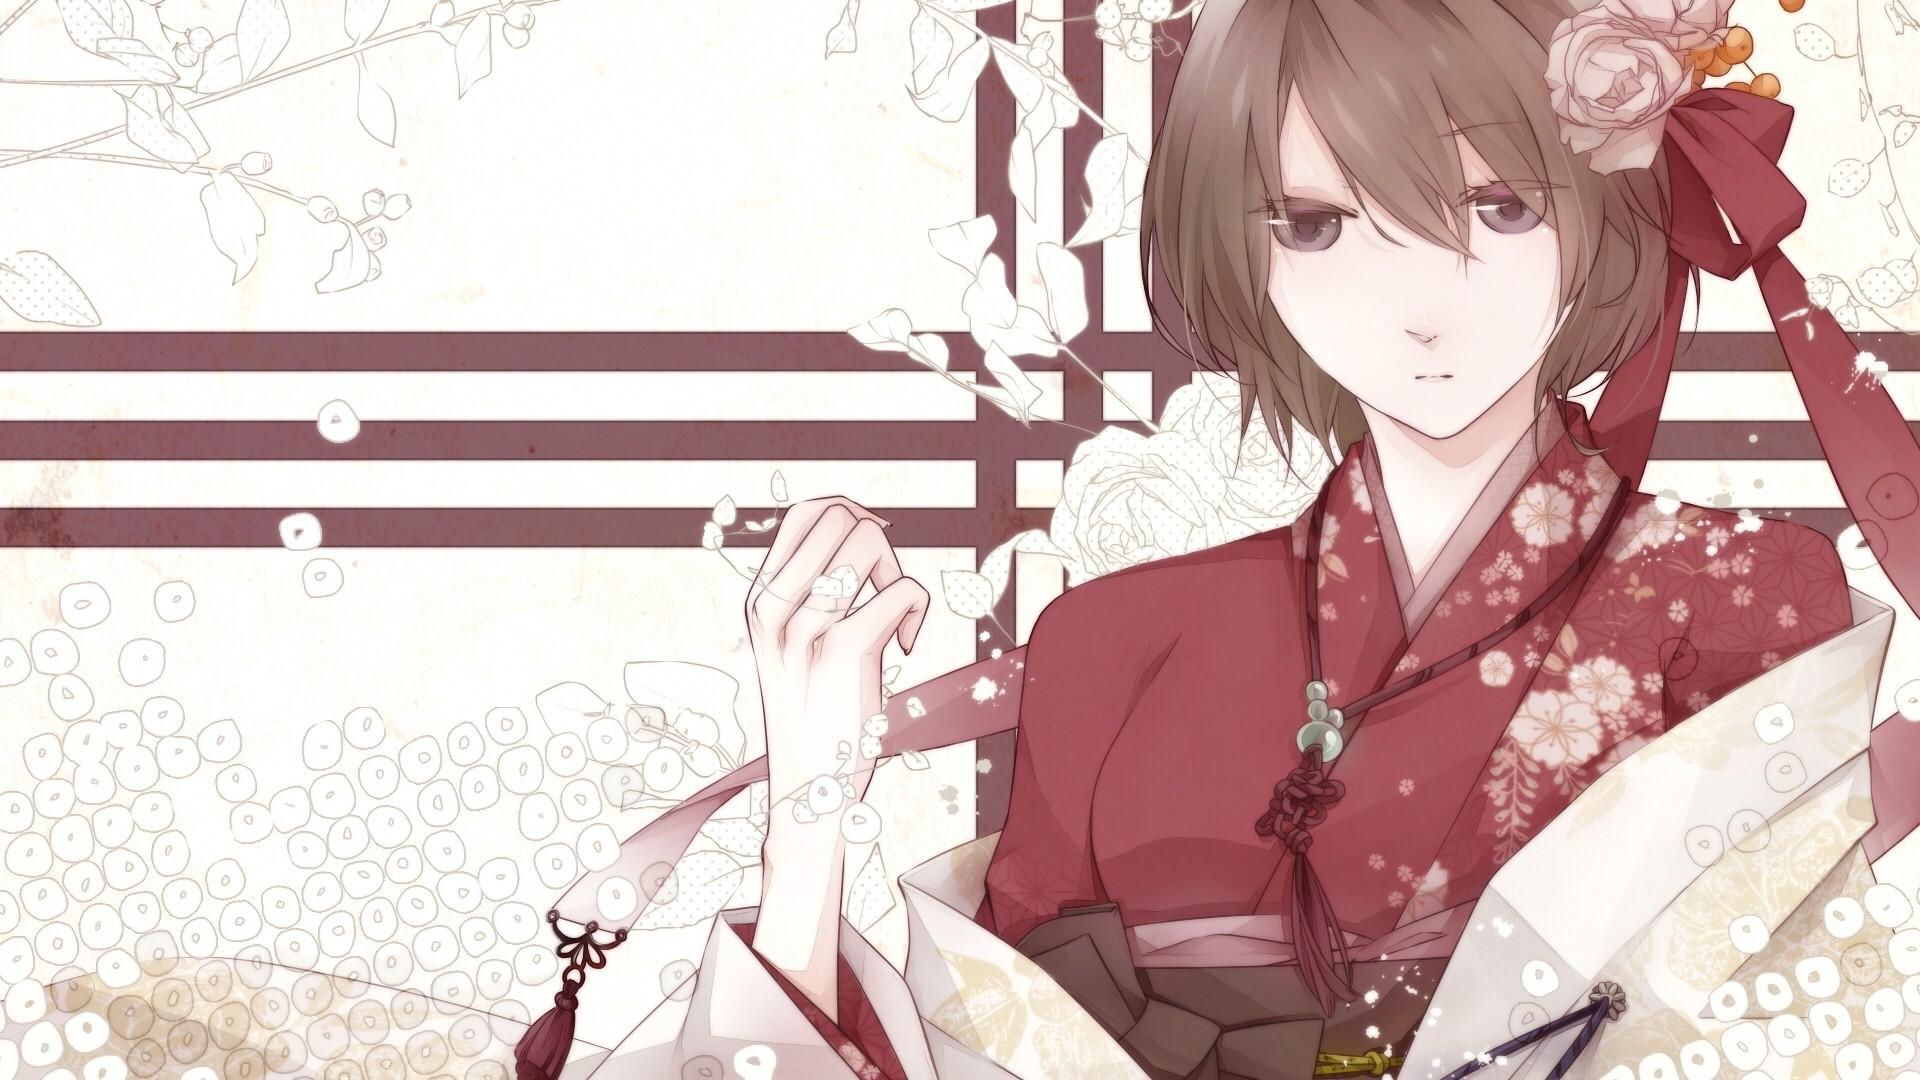 Res: 1920x1080, Download Anime HD Wallpapers Background Image vocaloid yukata meiko anime  japan kimono 88130